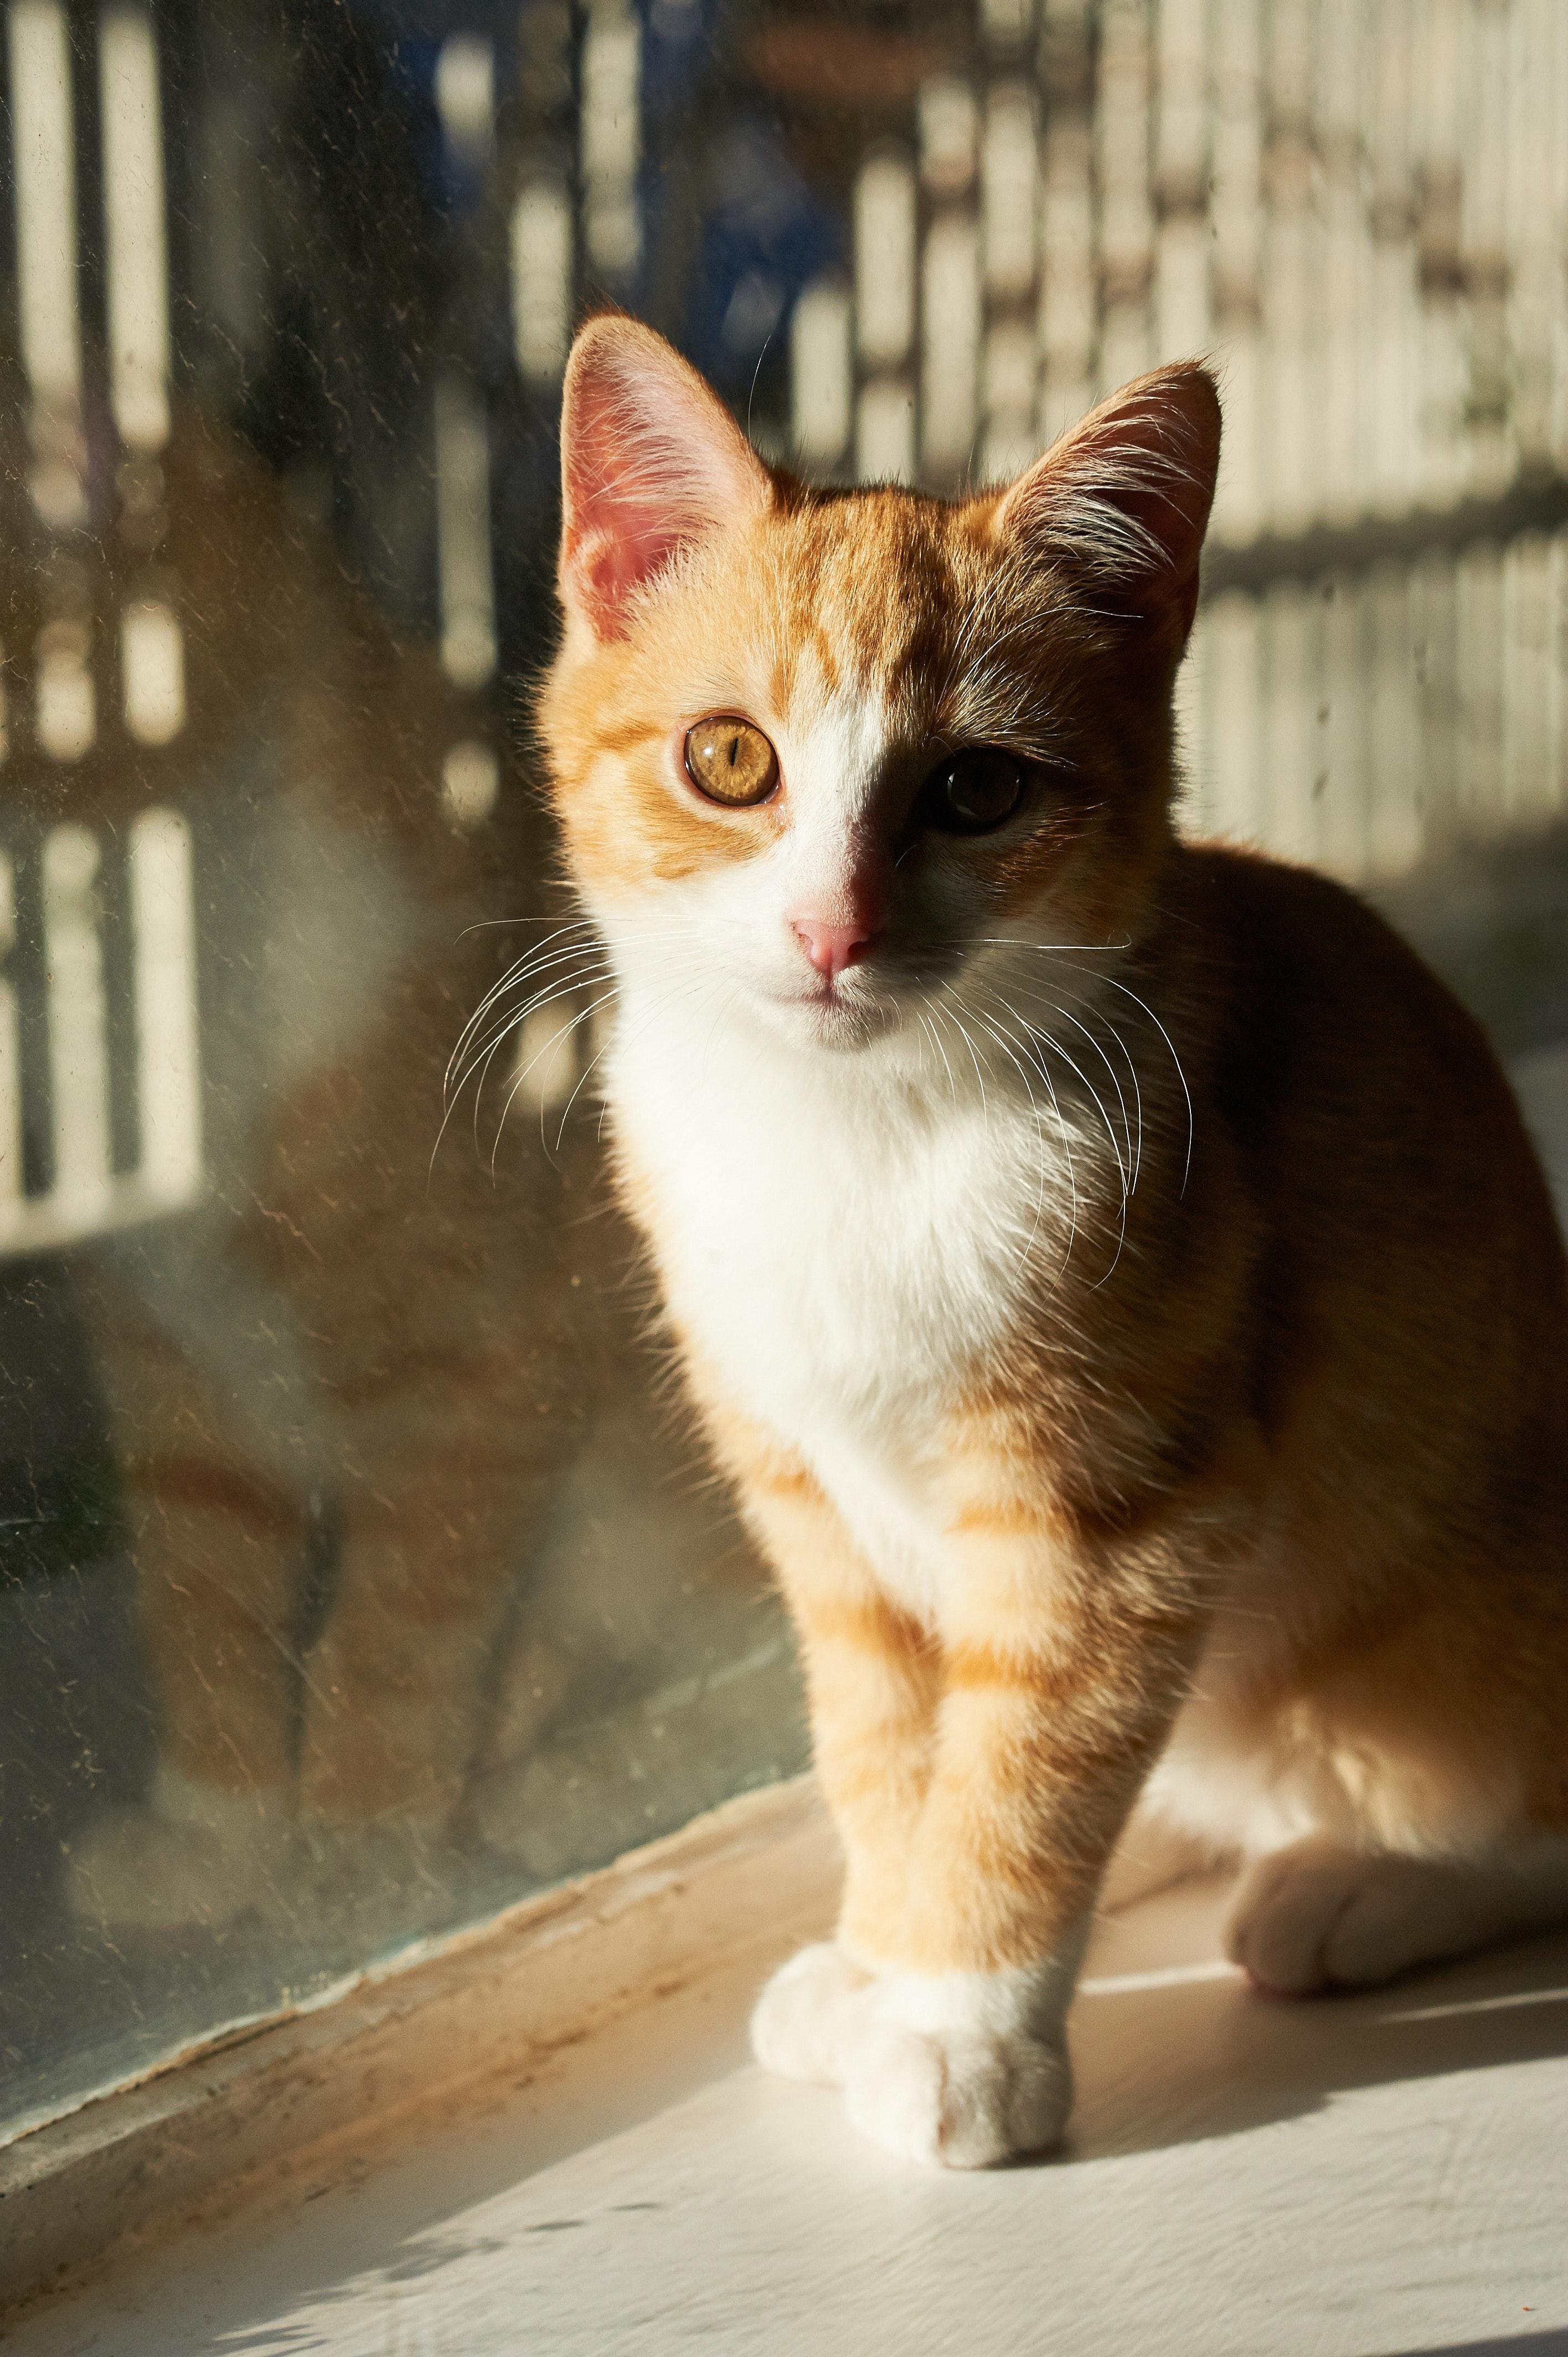 Orange and white cat photo